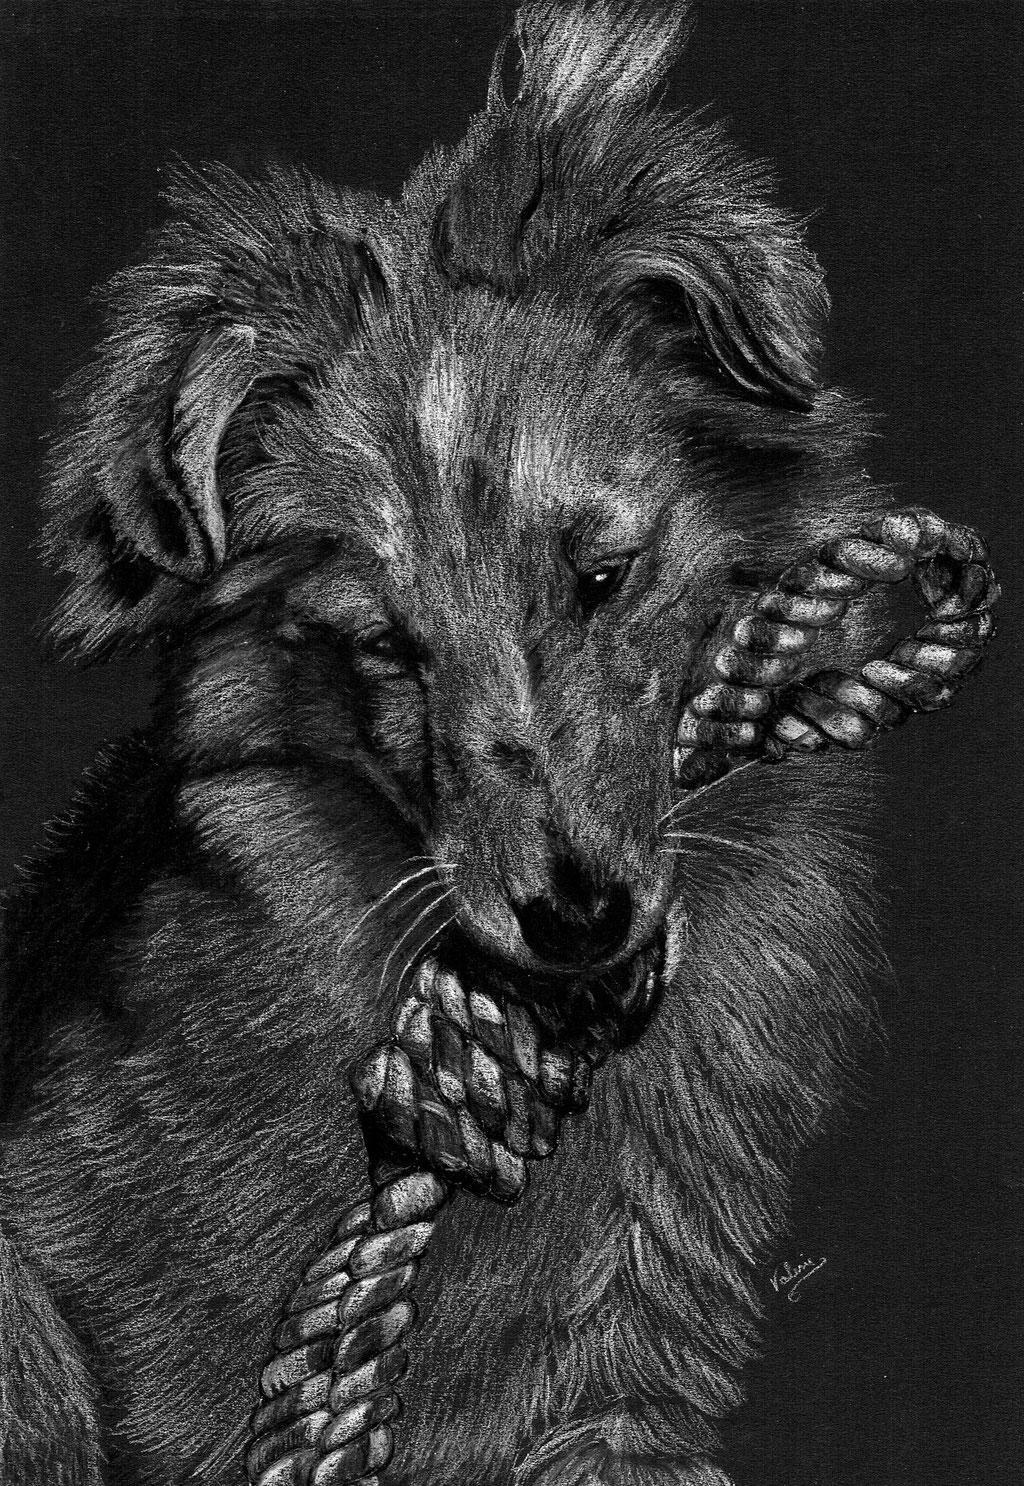 Dierenportret schotse collie: Wit potlood en houtskool op zwart papier (2021)